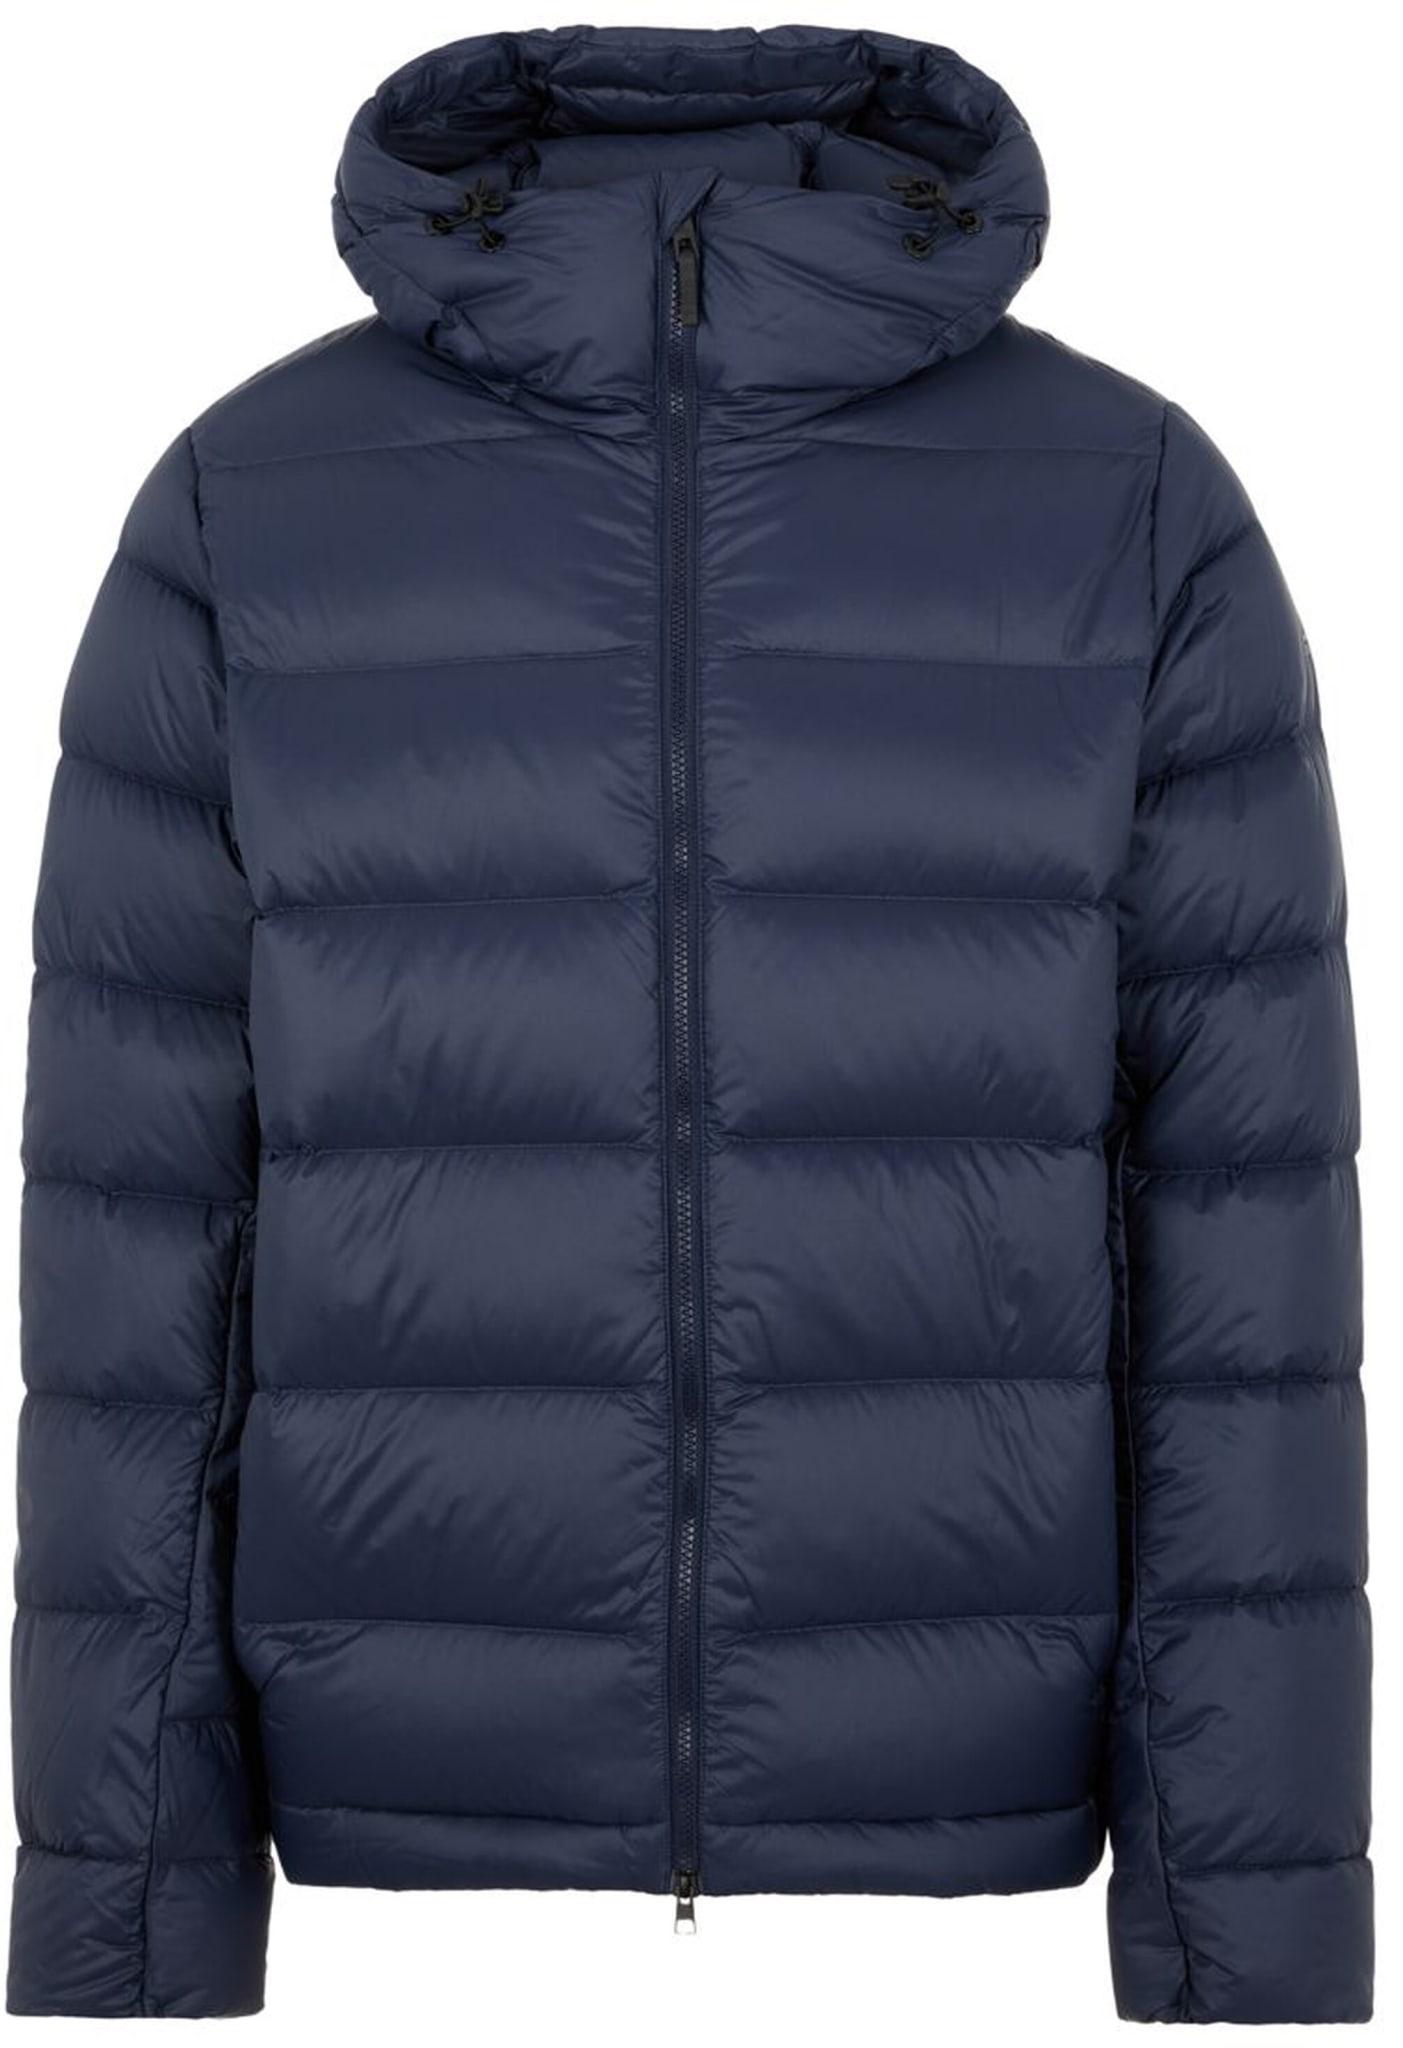 Vindtett, vannavstøtende og slitesterk jakke fyllt med høykvalitetsdun